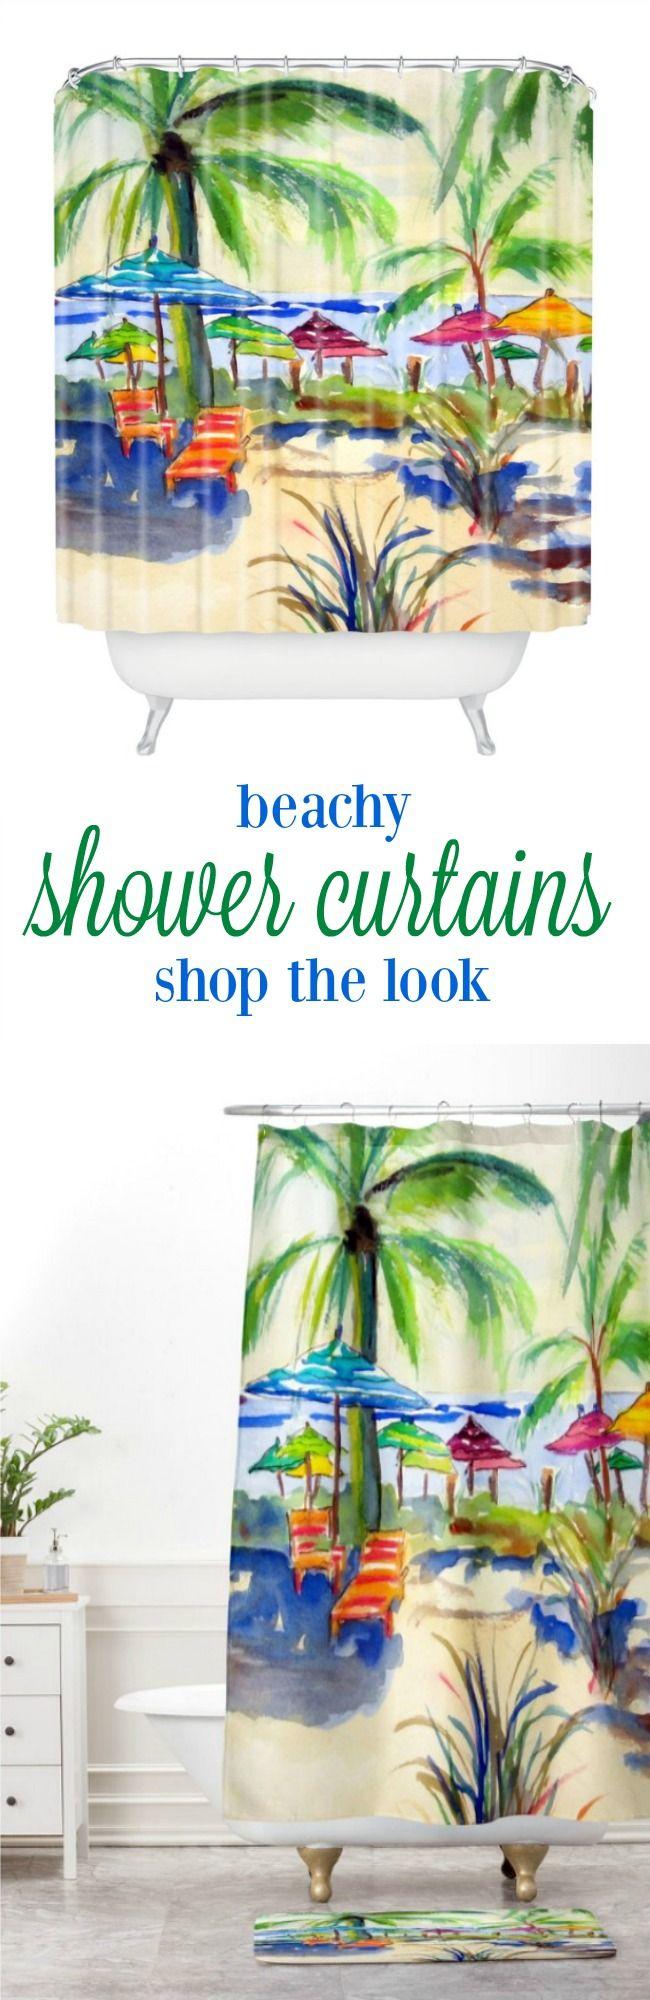 Beachy shower curtains - Beachy Shower Curtains 53